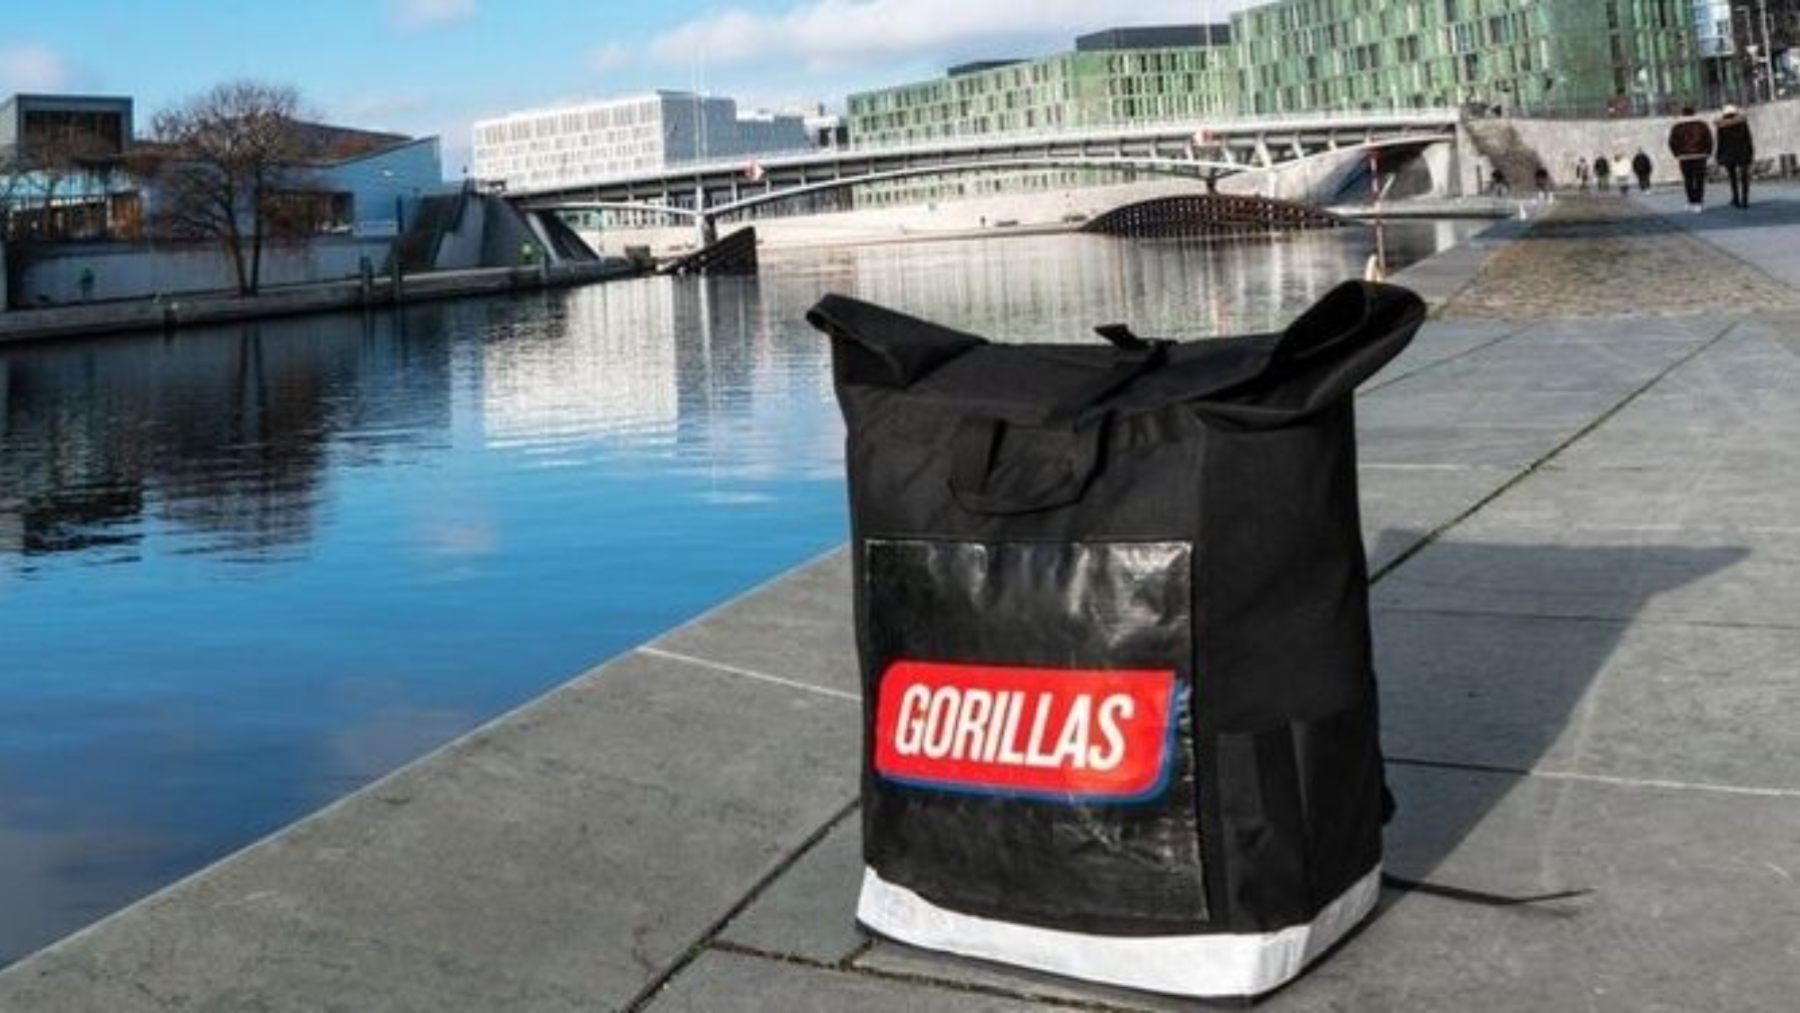 El nuevo supermercado Gorillas llega a España